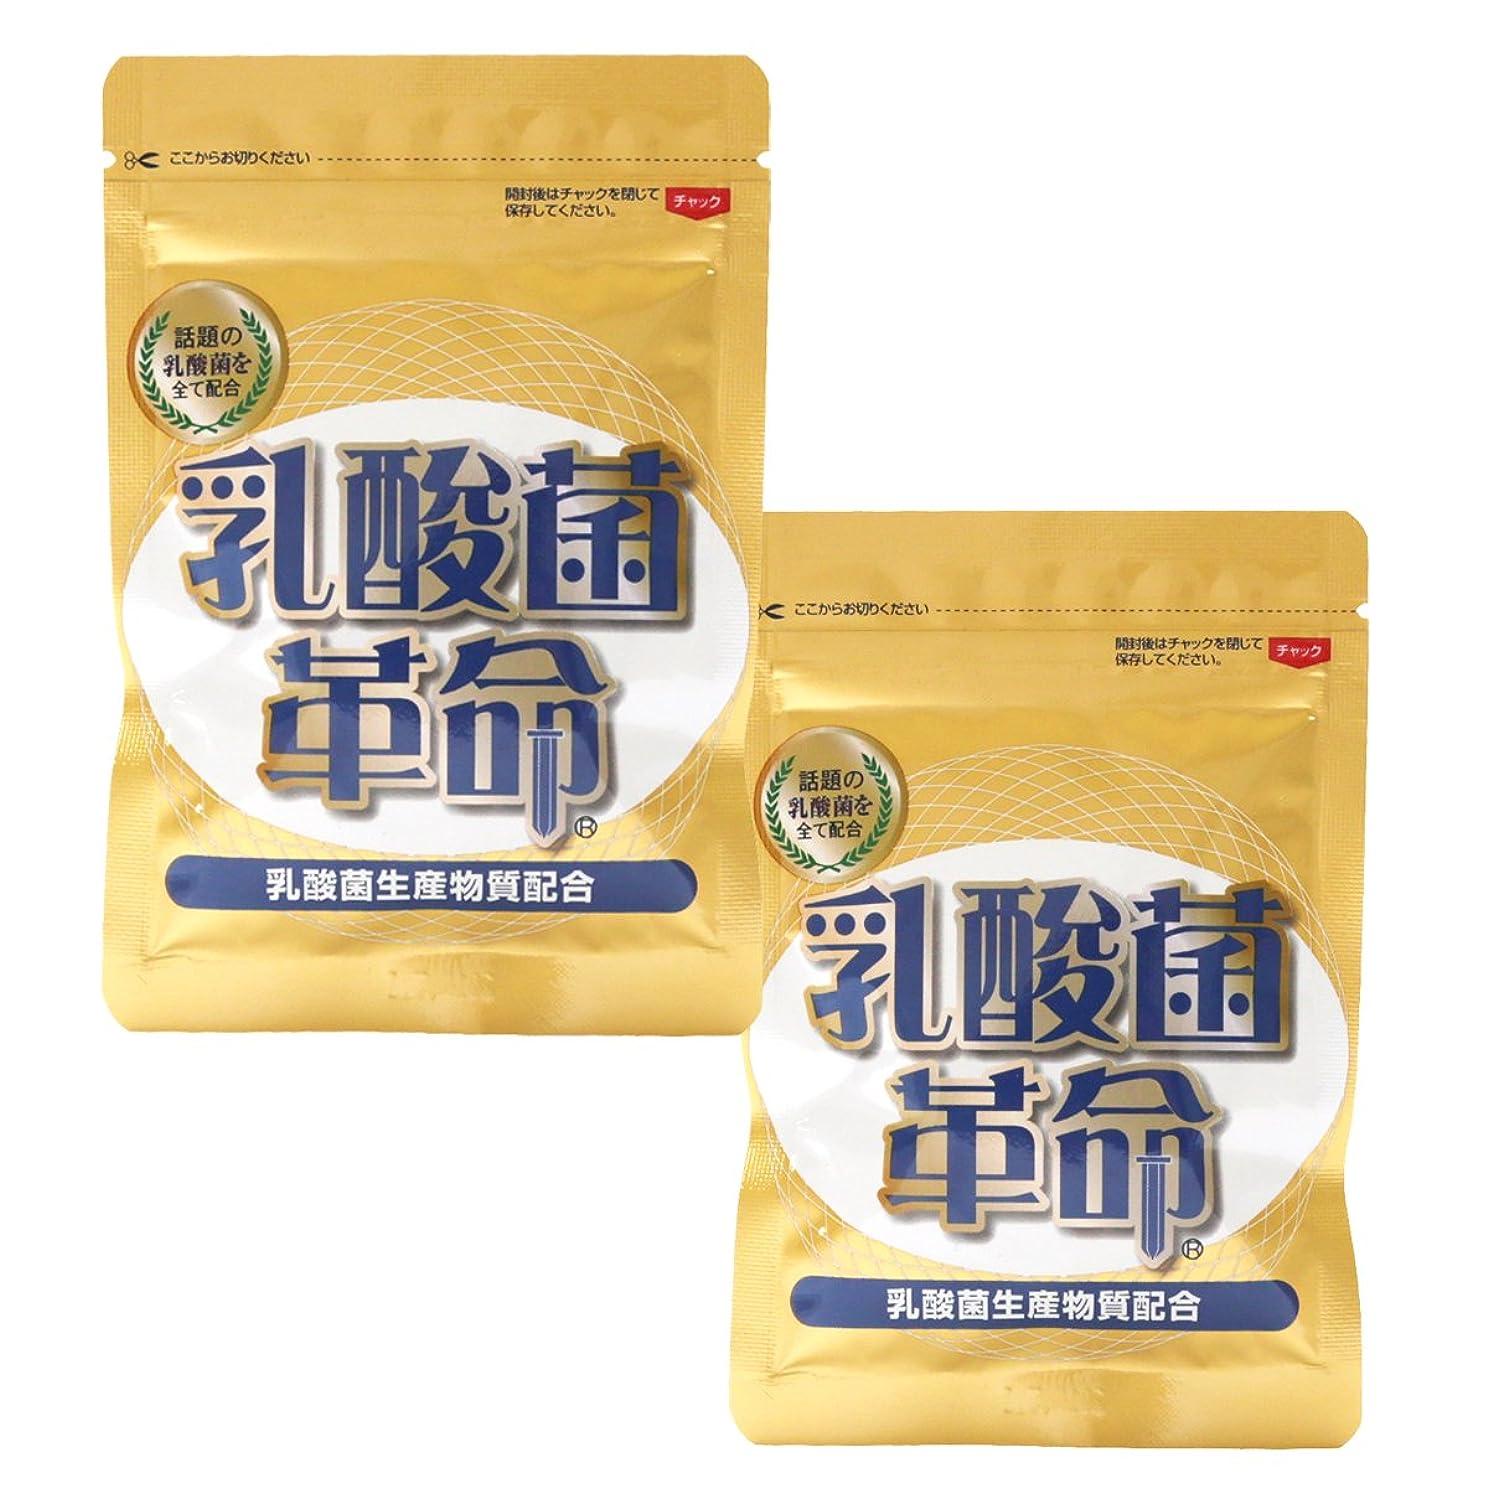 細分化するより等健康いきいき倶楽部 乳酸菌革命 2袋セット (62粒入×2袋)